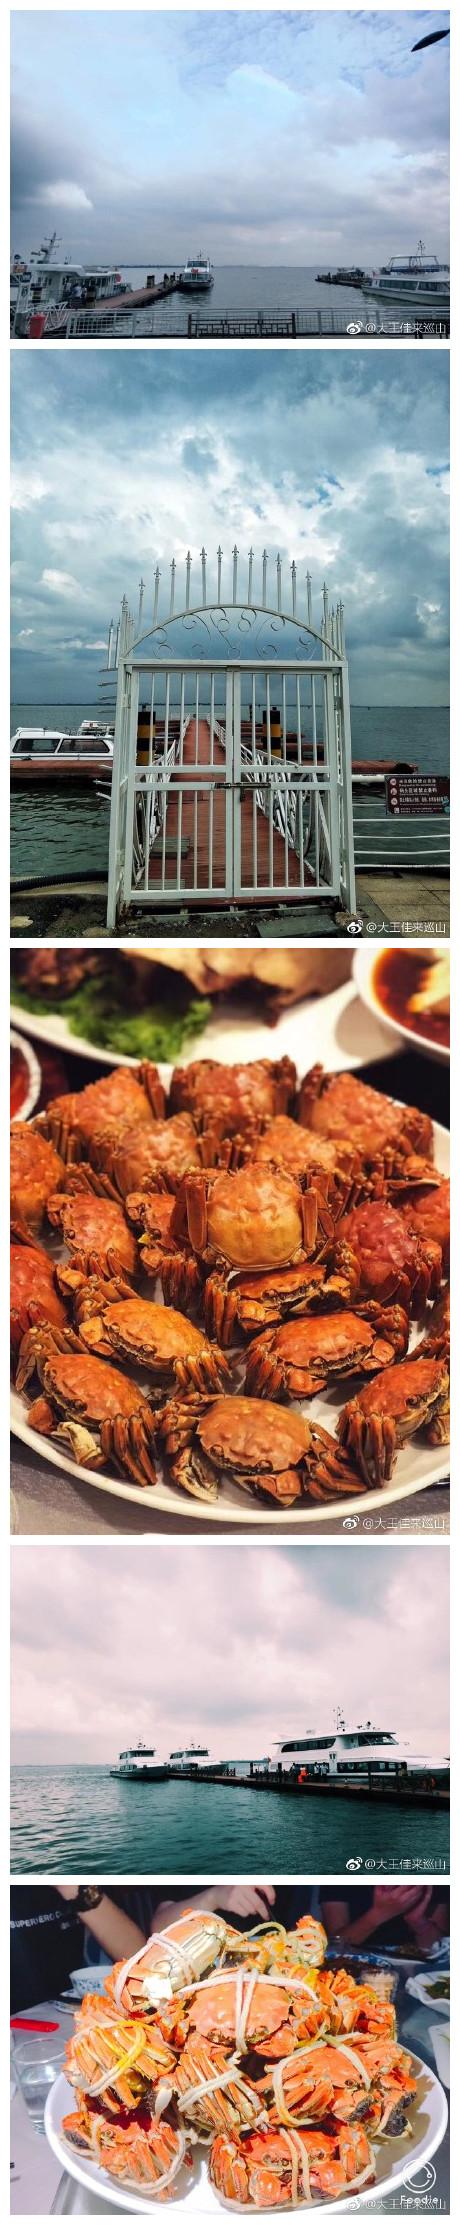 高铁误点 改签 到达阳澄湖 下暴雨 吃晚饭 停电 记不平凡的一天[可爱]